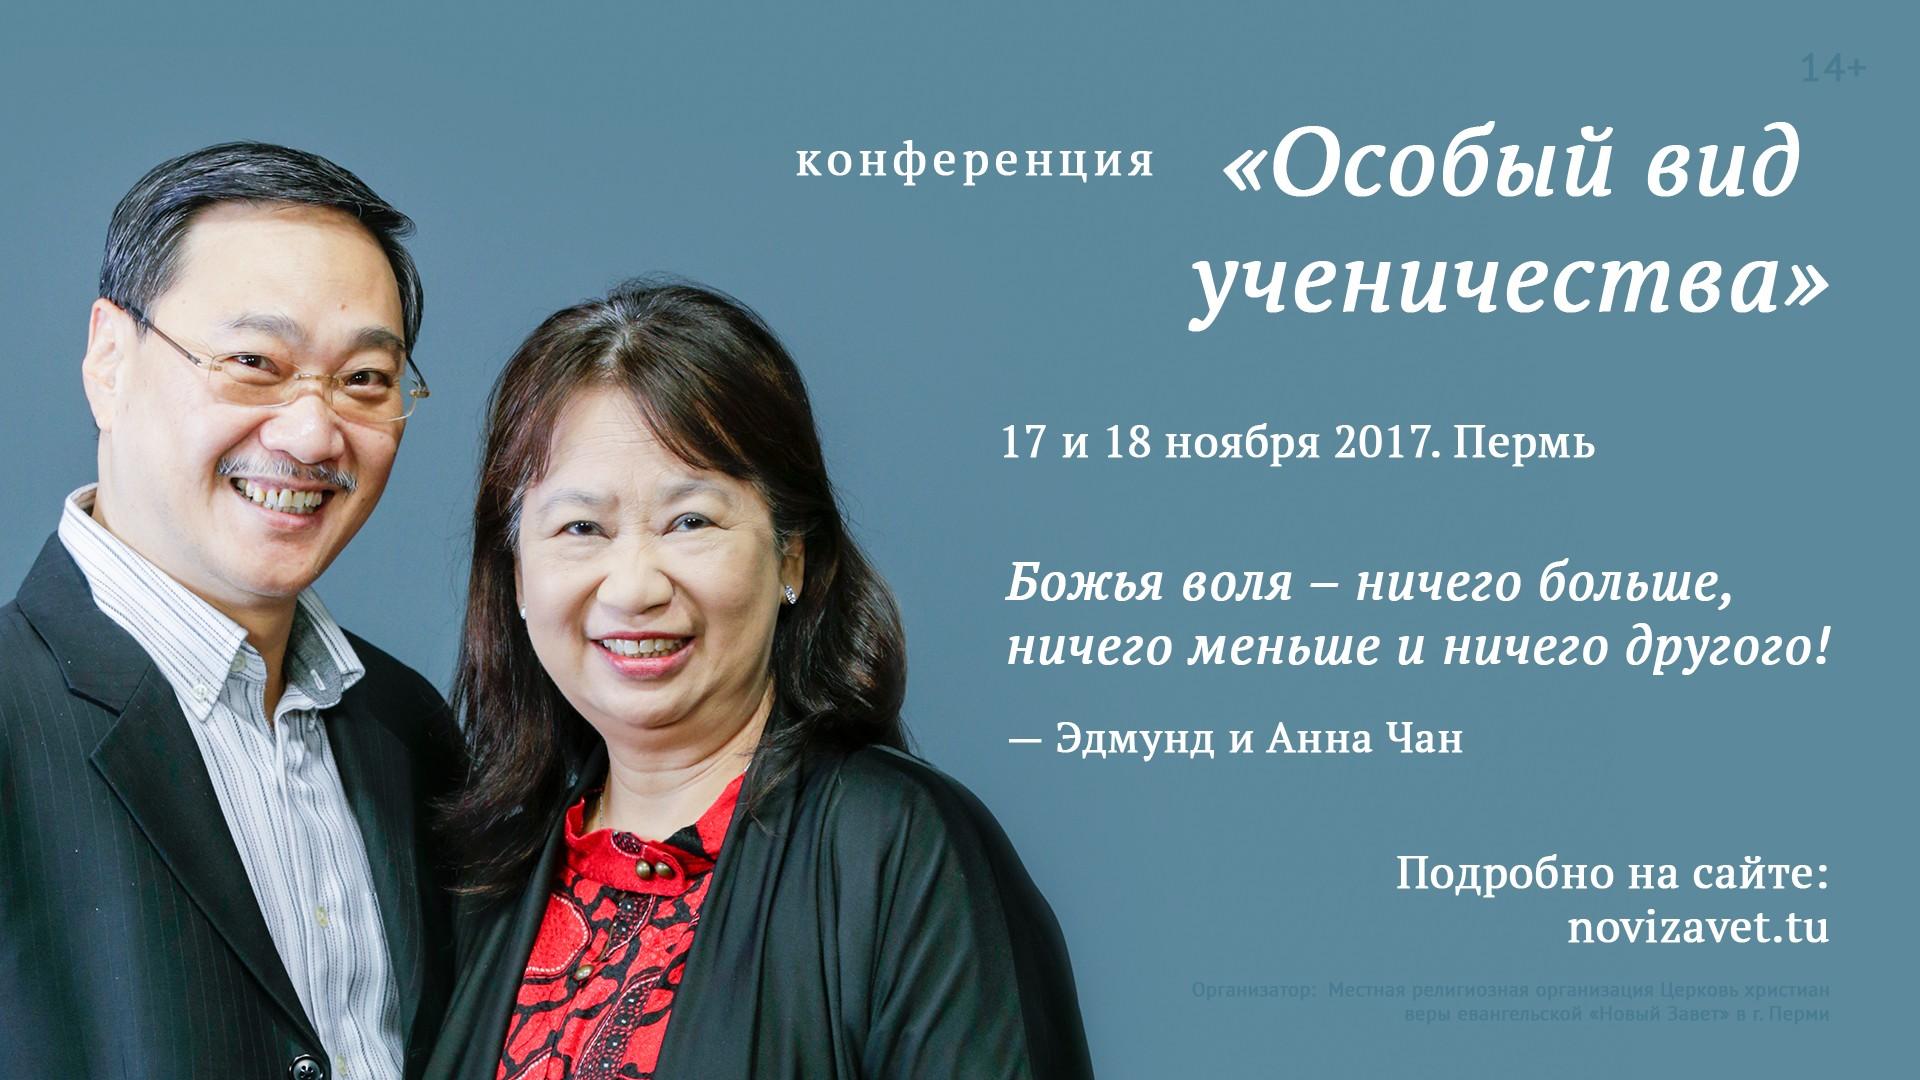 Конференция, посвященная ученичеству